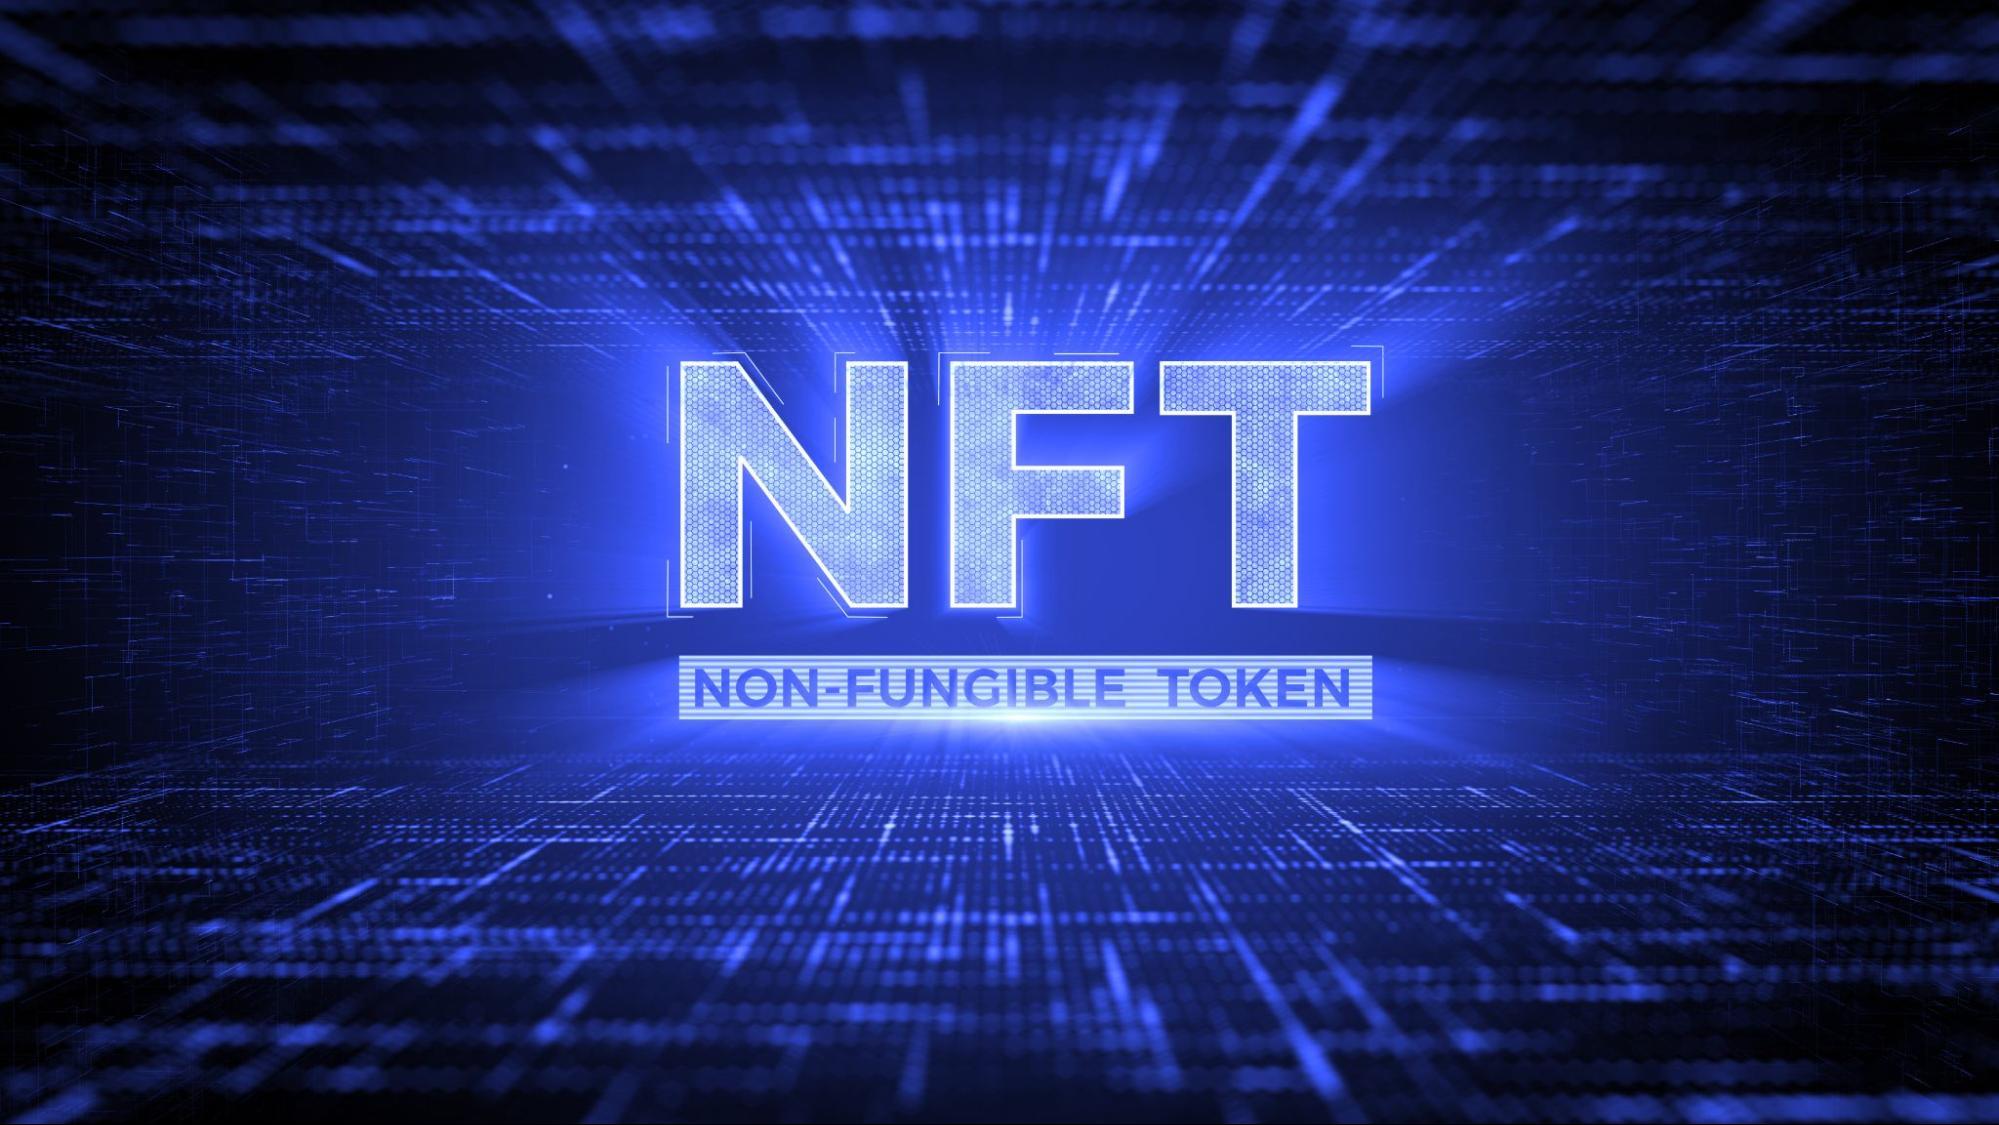 Le NFT est une technologie qui peut être mise en œuvre pour améliorer la supply chain d'une entreprise